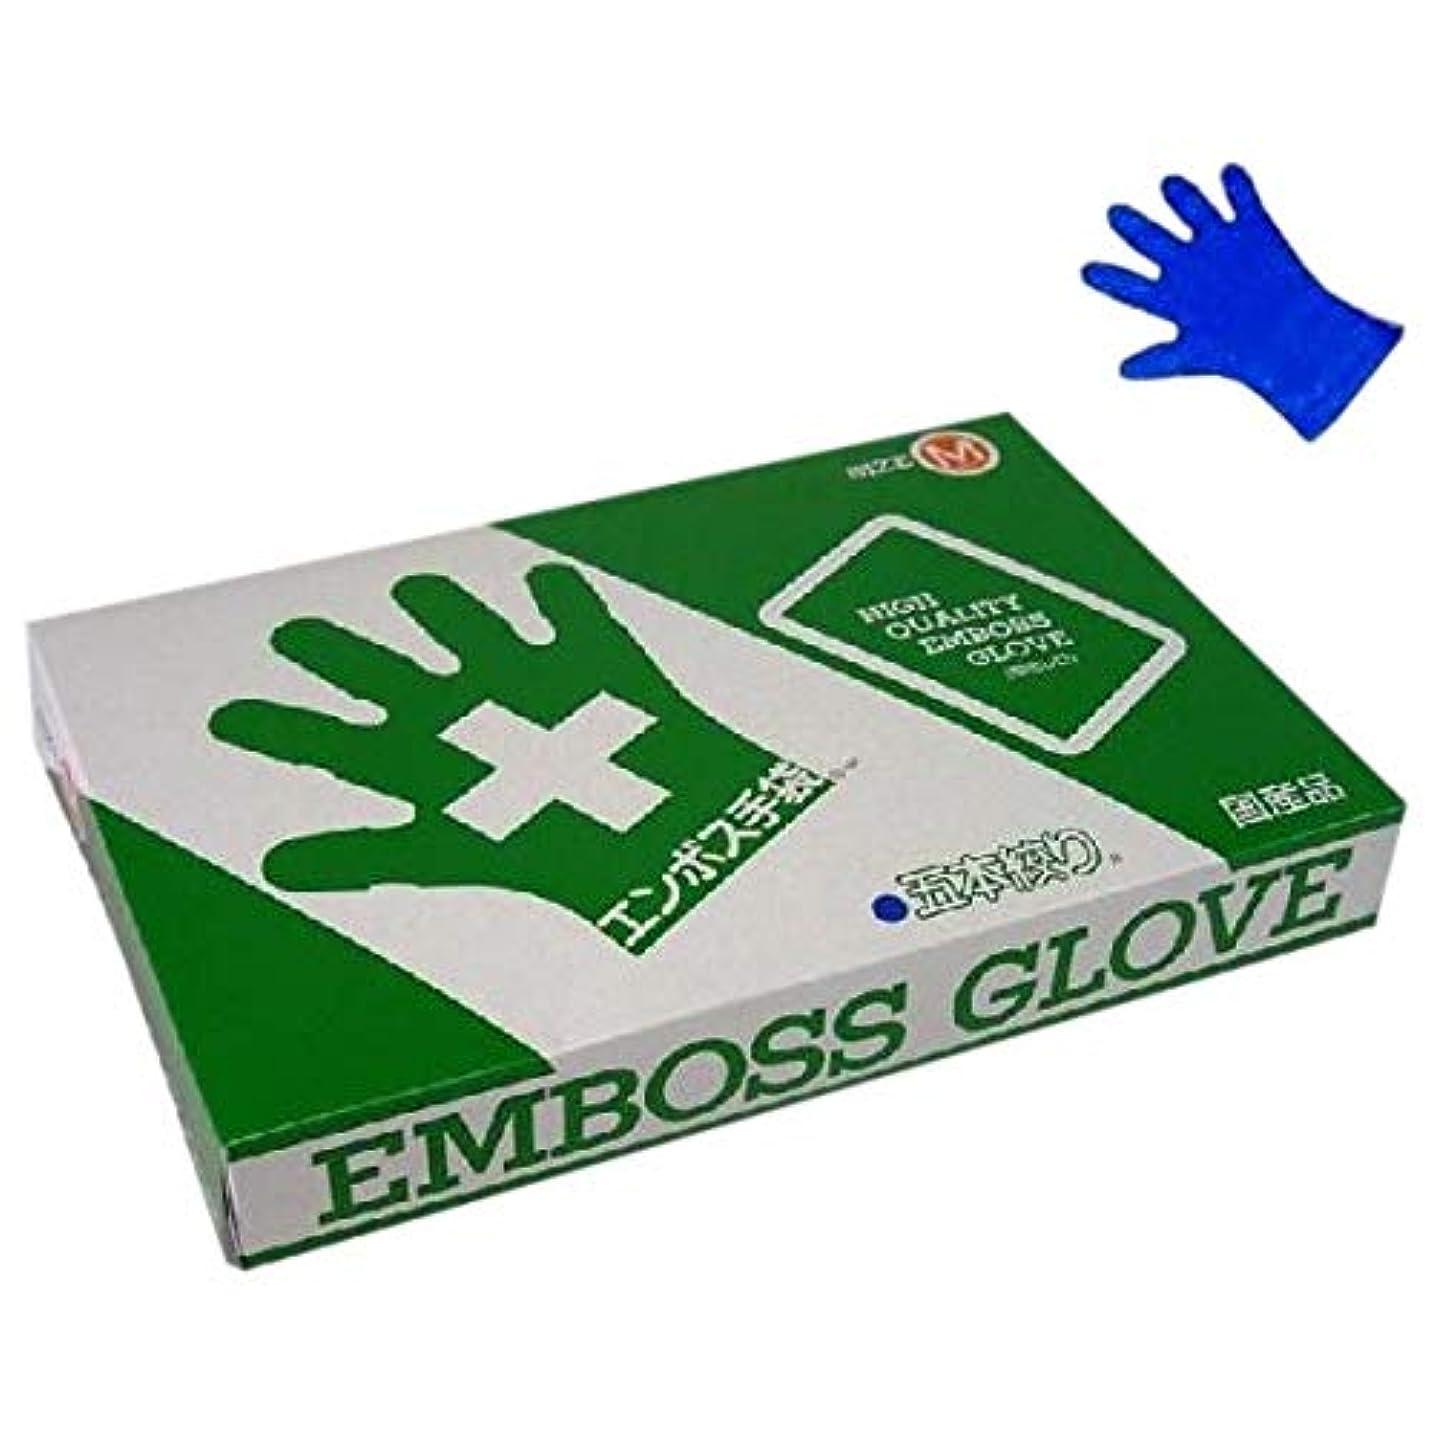 イーウェルルーストロークエンボス手袋 5本絞り ブルータイプ 化粧箱入 東京パック M 200枚入×20箱